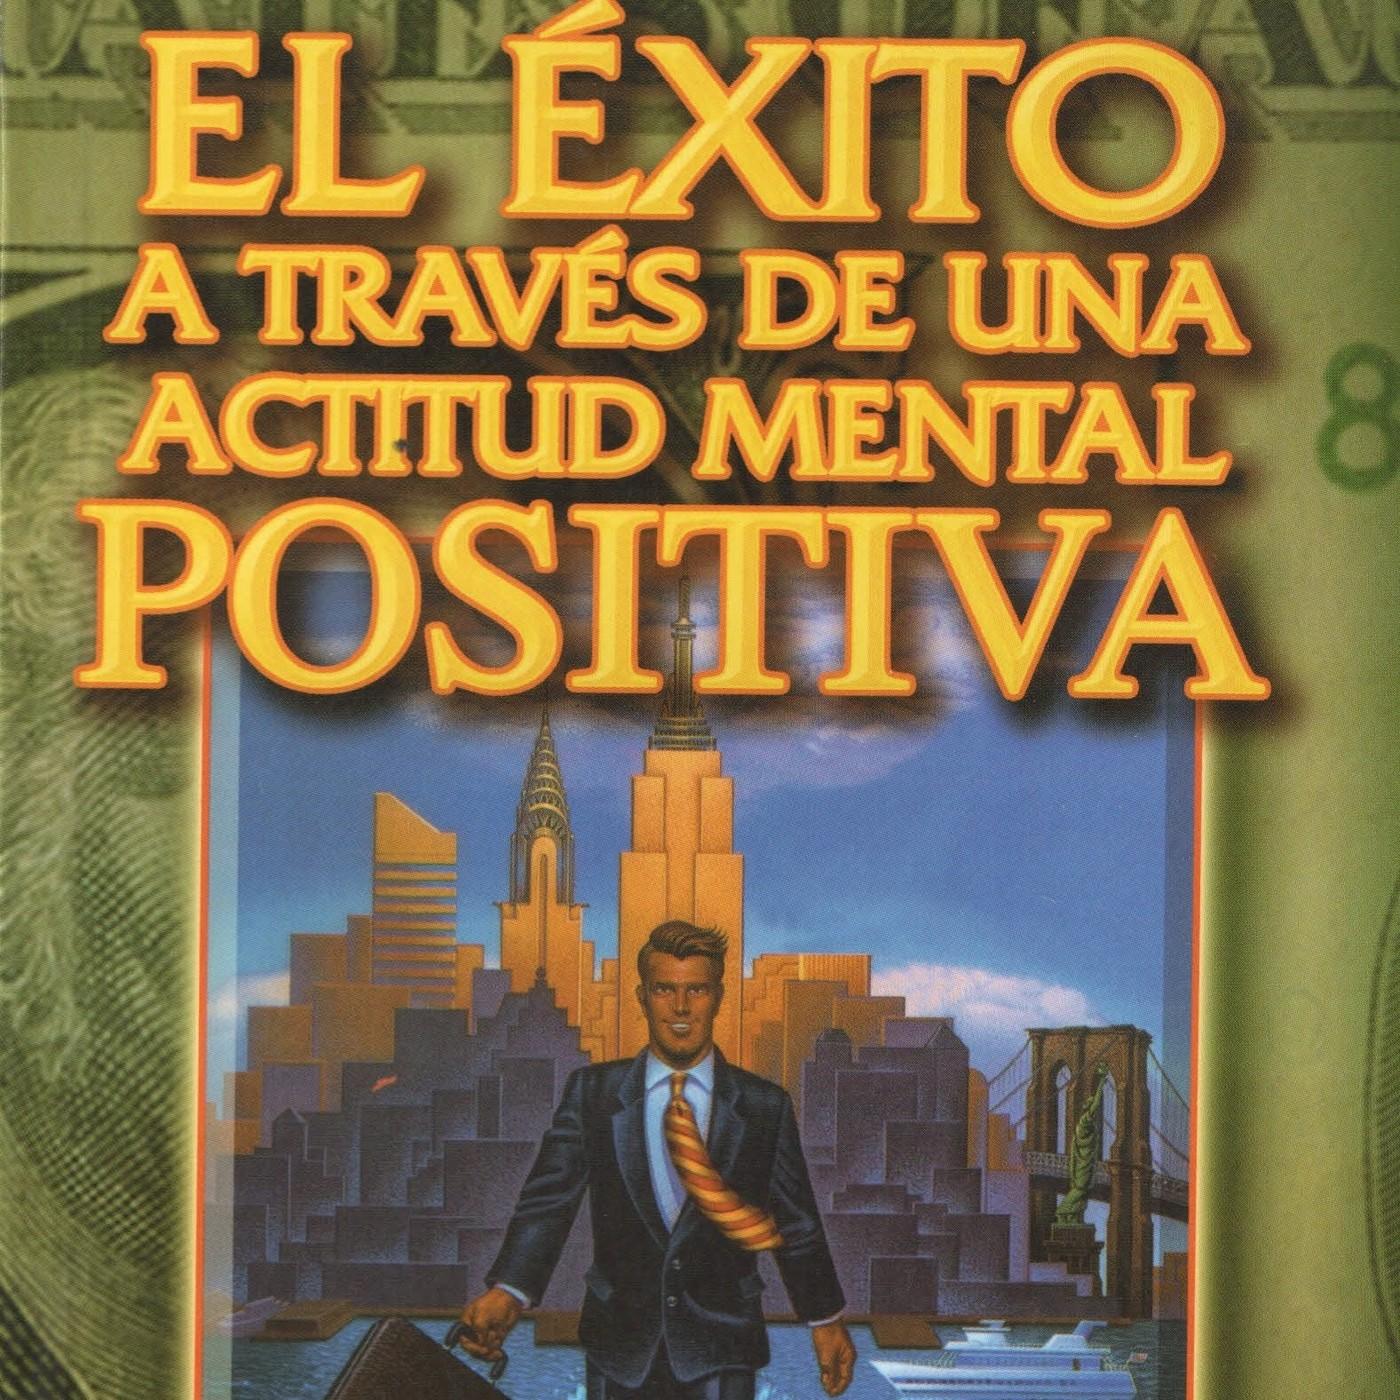 AUDIOLIBRO - La Actitud Mental Positiva. Un Camino Hacia El Éxito [Napoleon  Hill / W. Clement Stone] en AUDIOLIBROS en mp3(10/04 a las 05:29:21)  09:48:48 ...